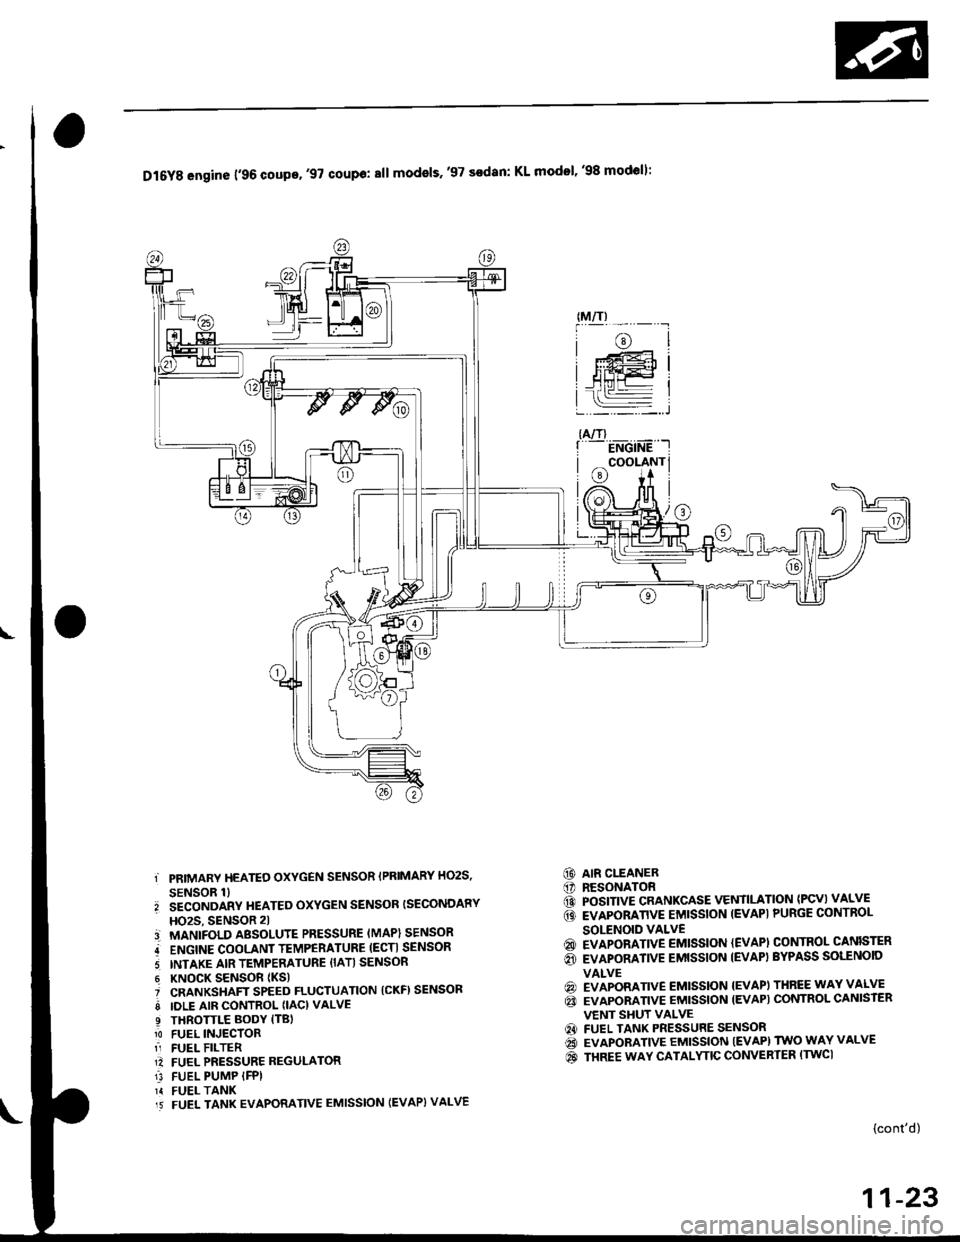 Honda Civic 1997 6g Workshop Manual 98 Wiring Diagram 02 Sensor